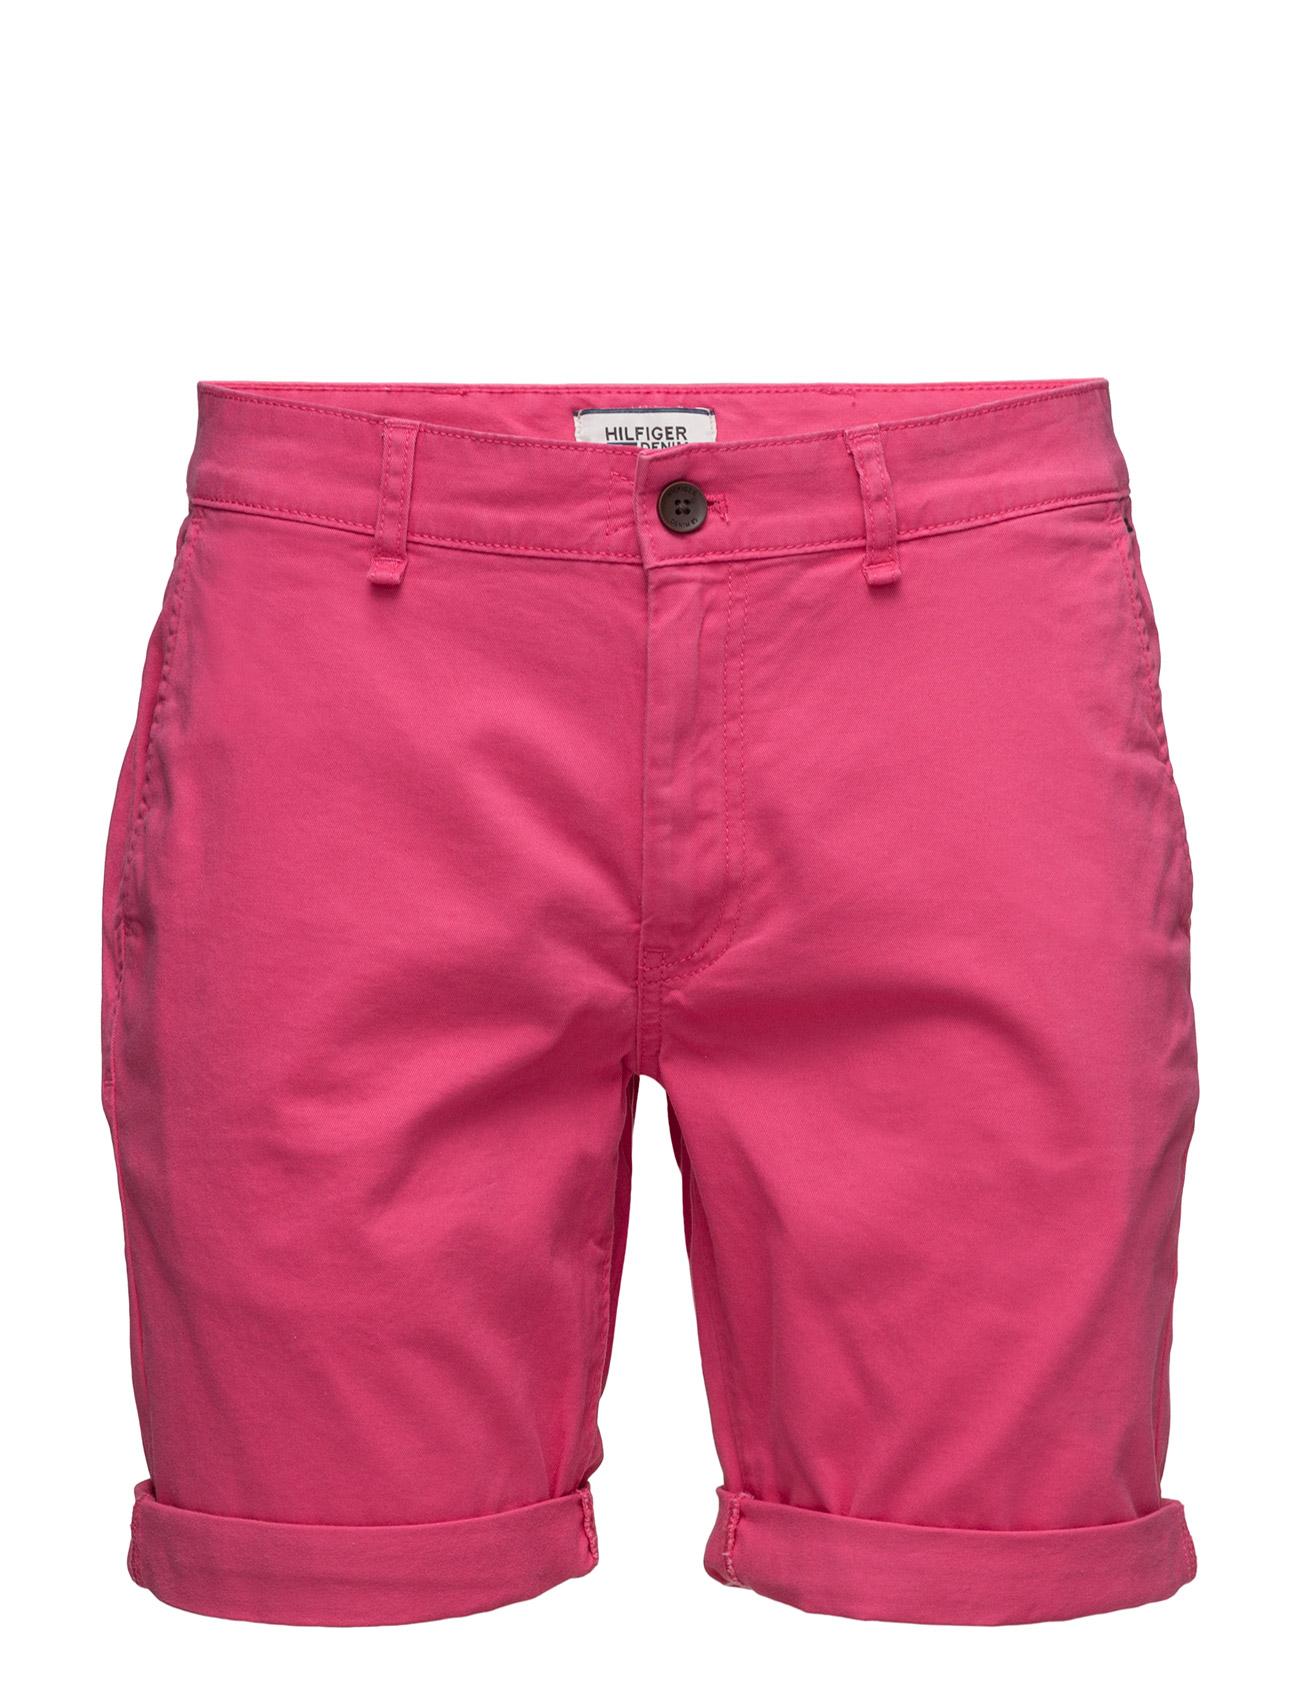 Thdm Basic Straight Short Freddy 11 Hilfiger Denim Bermuda shorts til Herrer i Blå